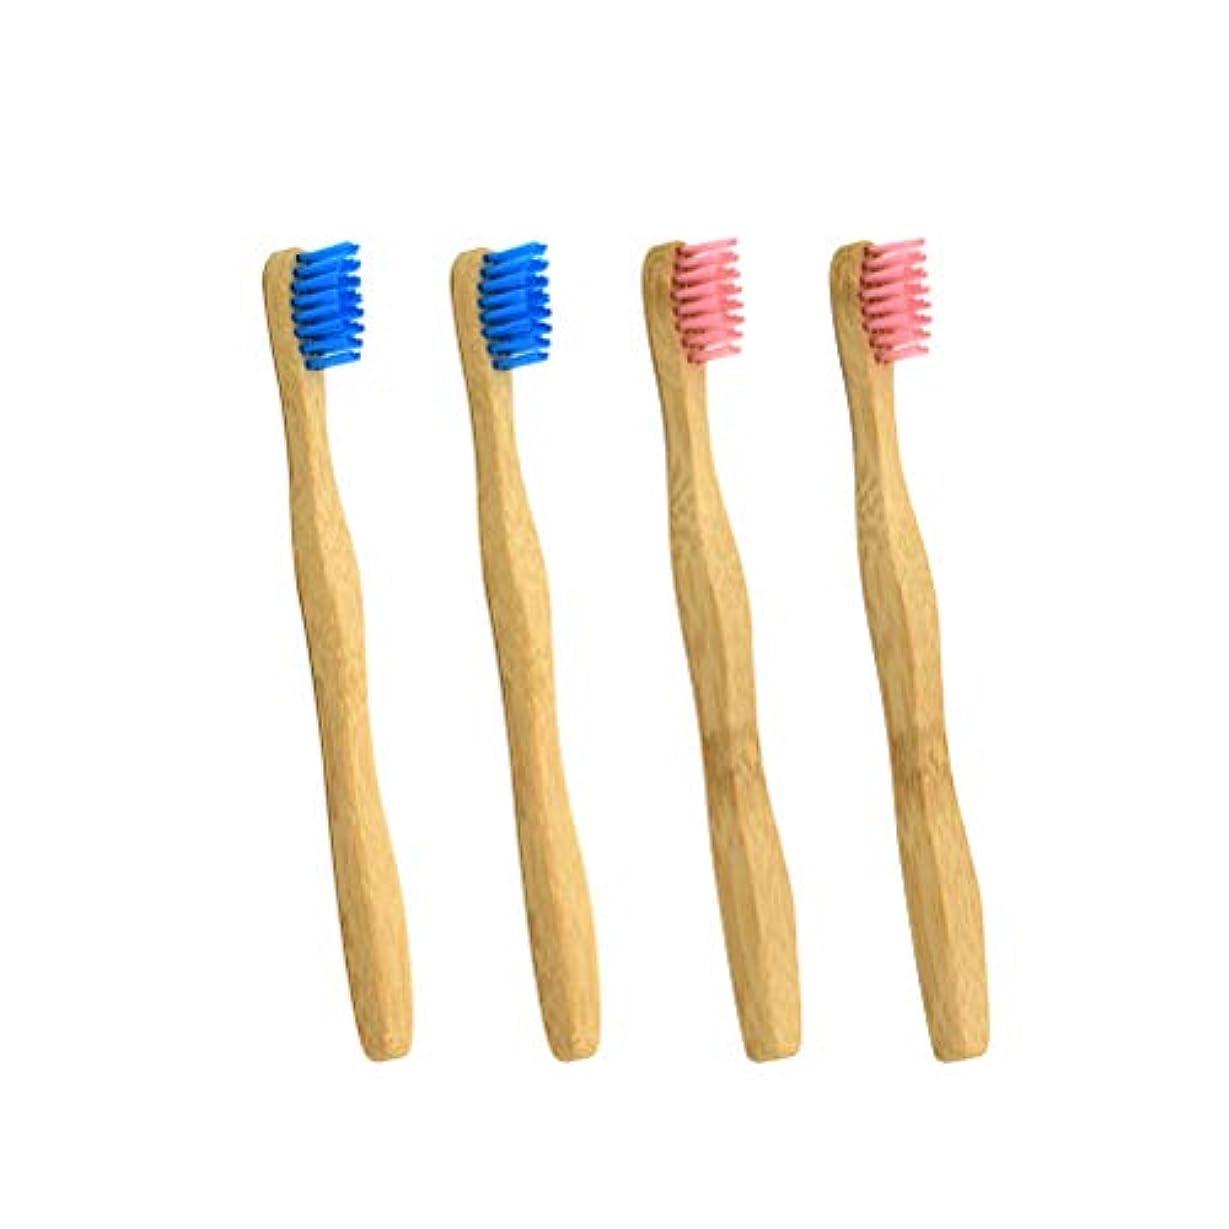 滝に慣れアジアSUPVOX 4本の子供の竹の歯ブラシ生分解性エコフレンドリーな歯ブラシ(ピンクとブルー各2本)